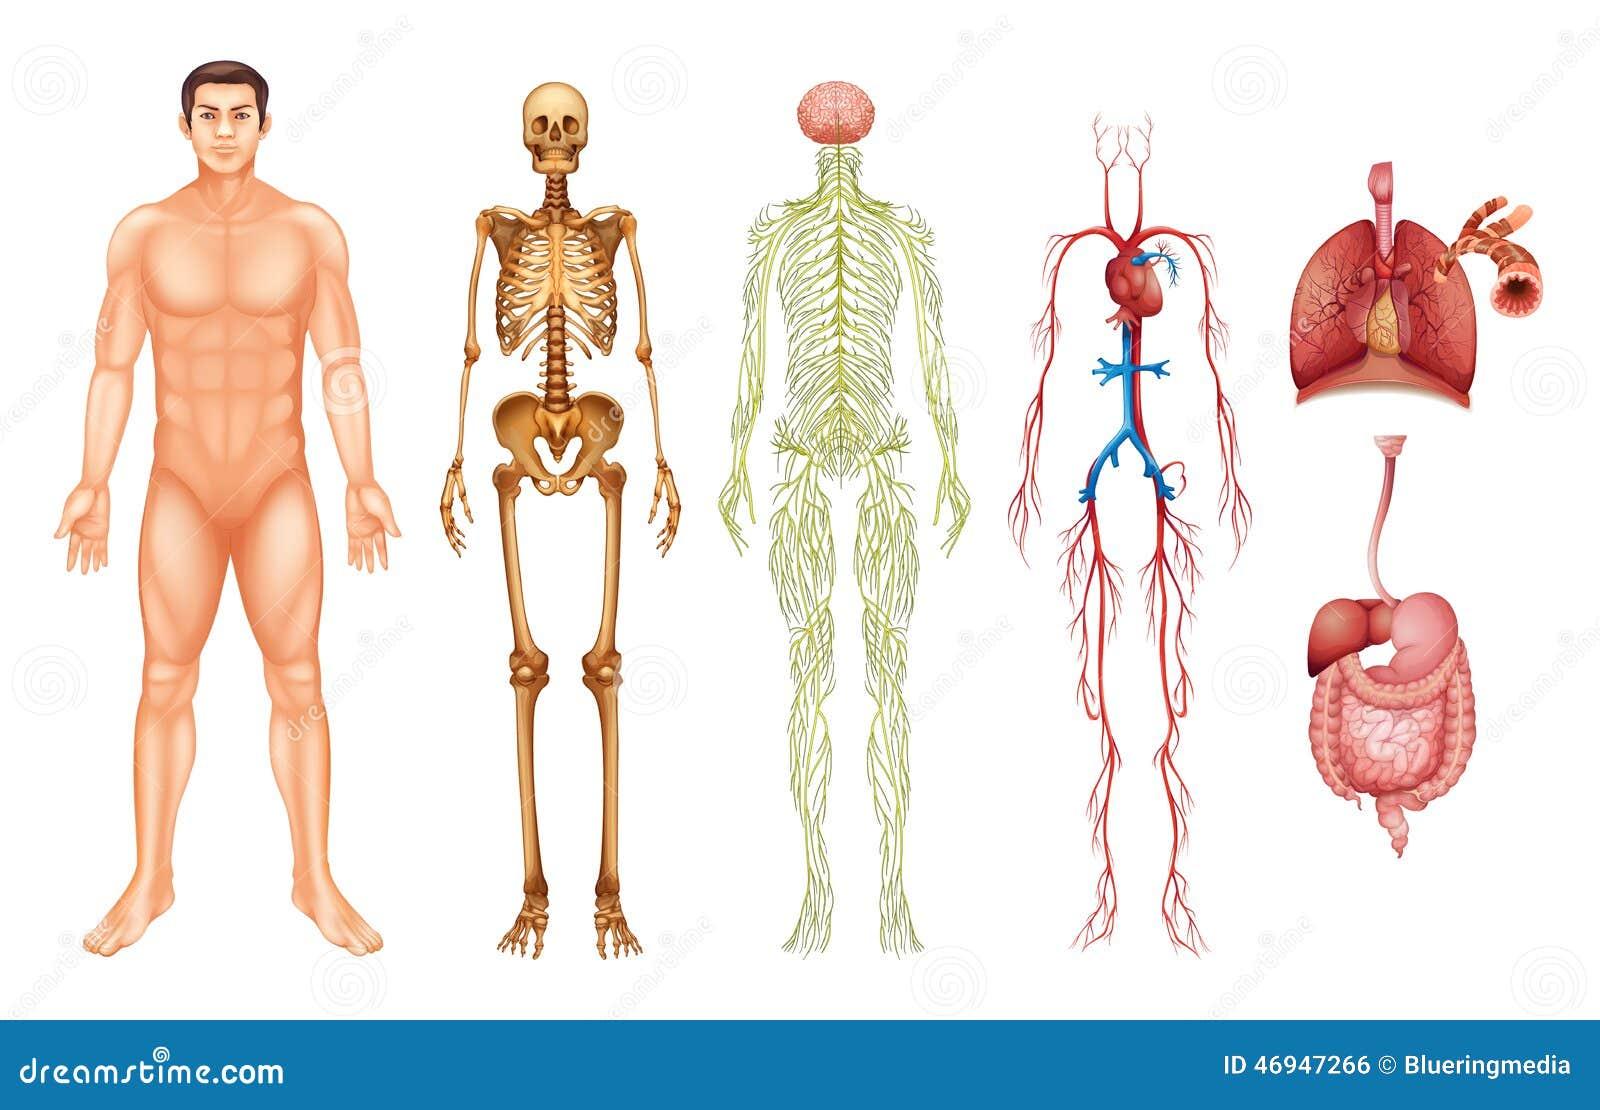 Systeme Des Menschlichen Körpers Vektor Abbildung - Illustration von ...